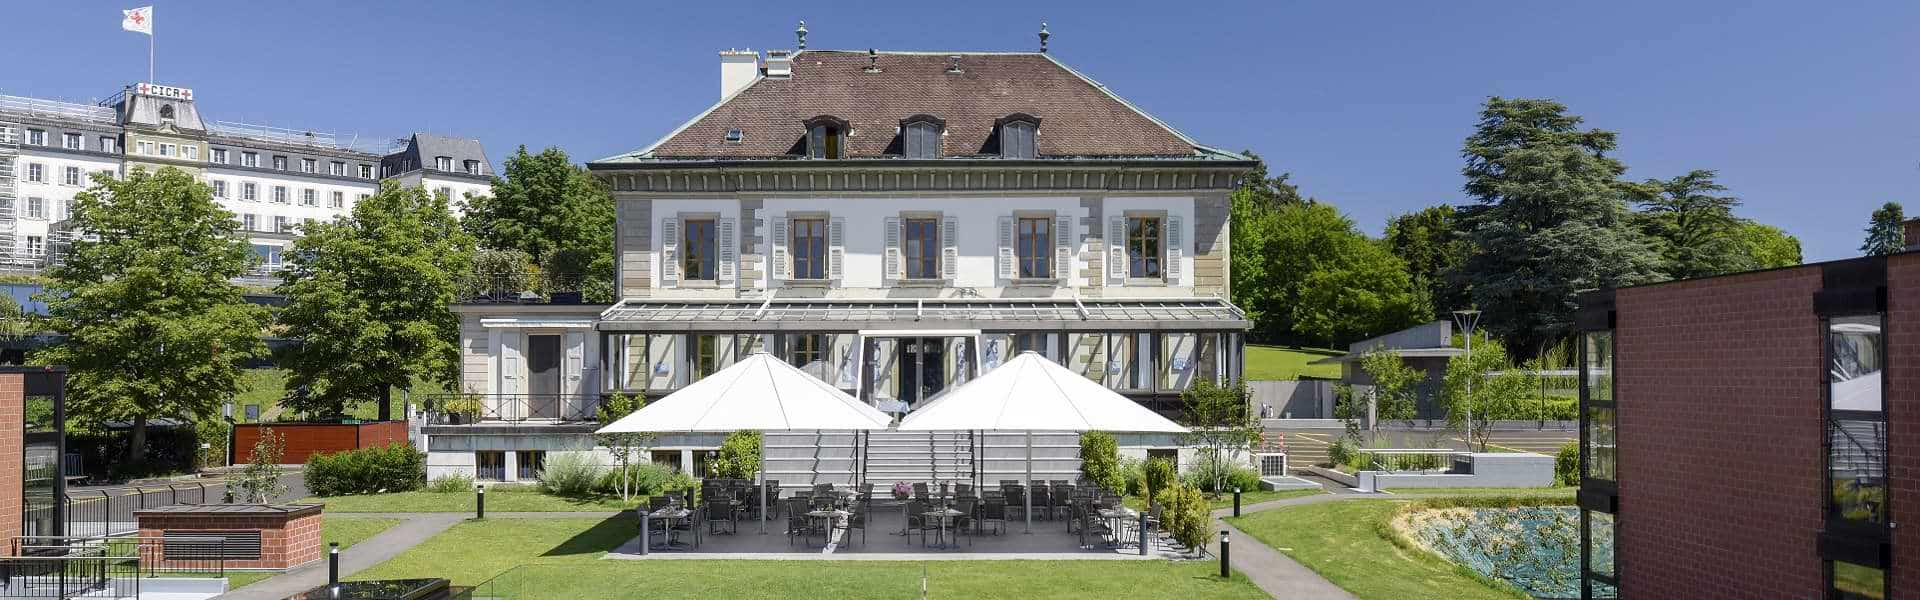 Banner - Ecole Hôtelière de Genève, au bord du lac léman en Suisse 1920x600 final